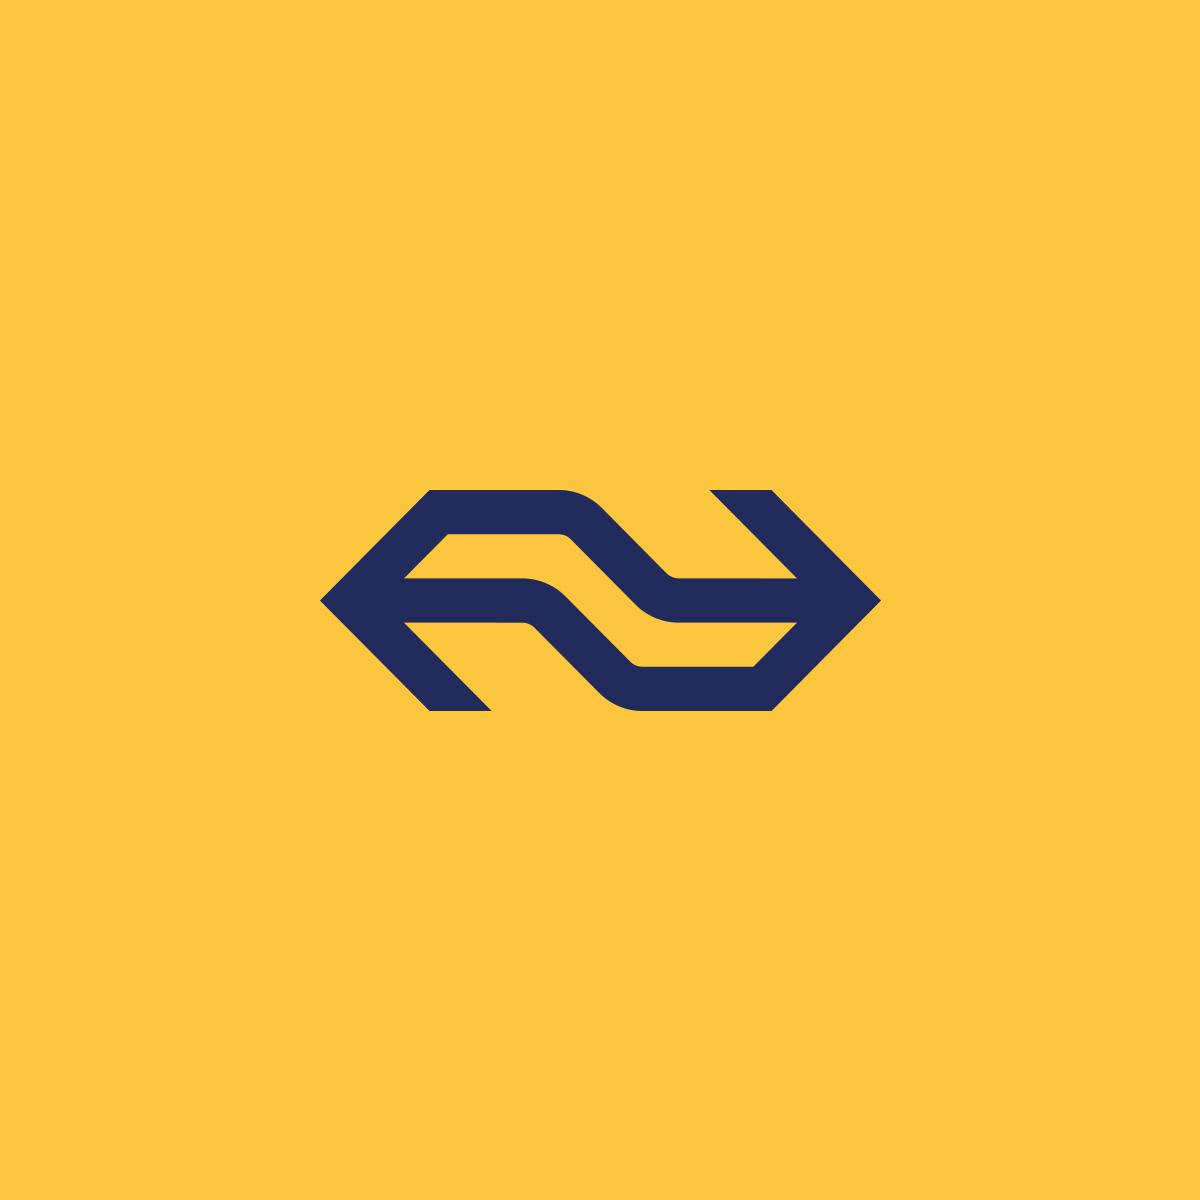 NS, Nederlandse Spoorwegen